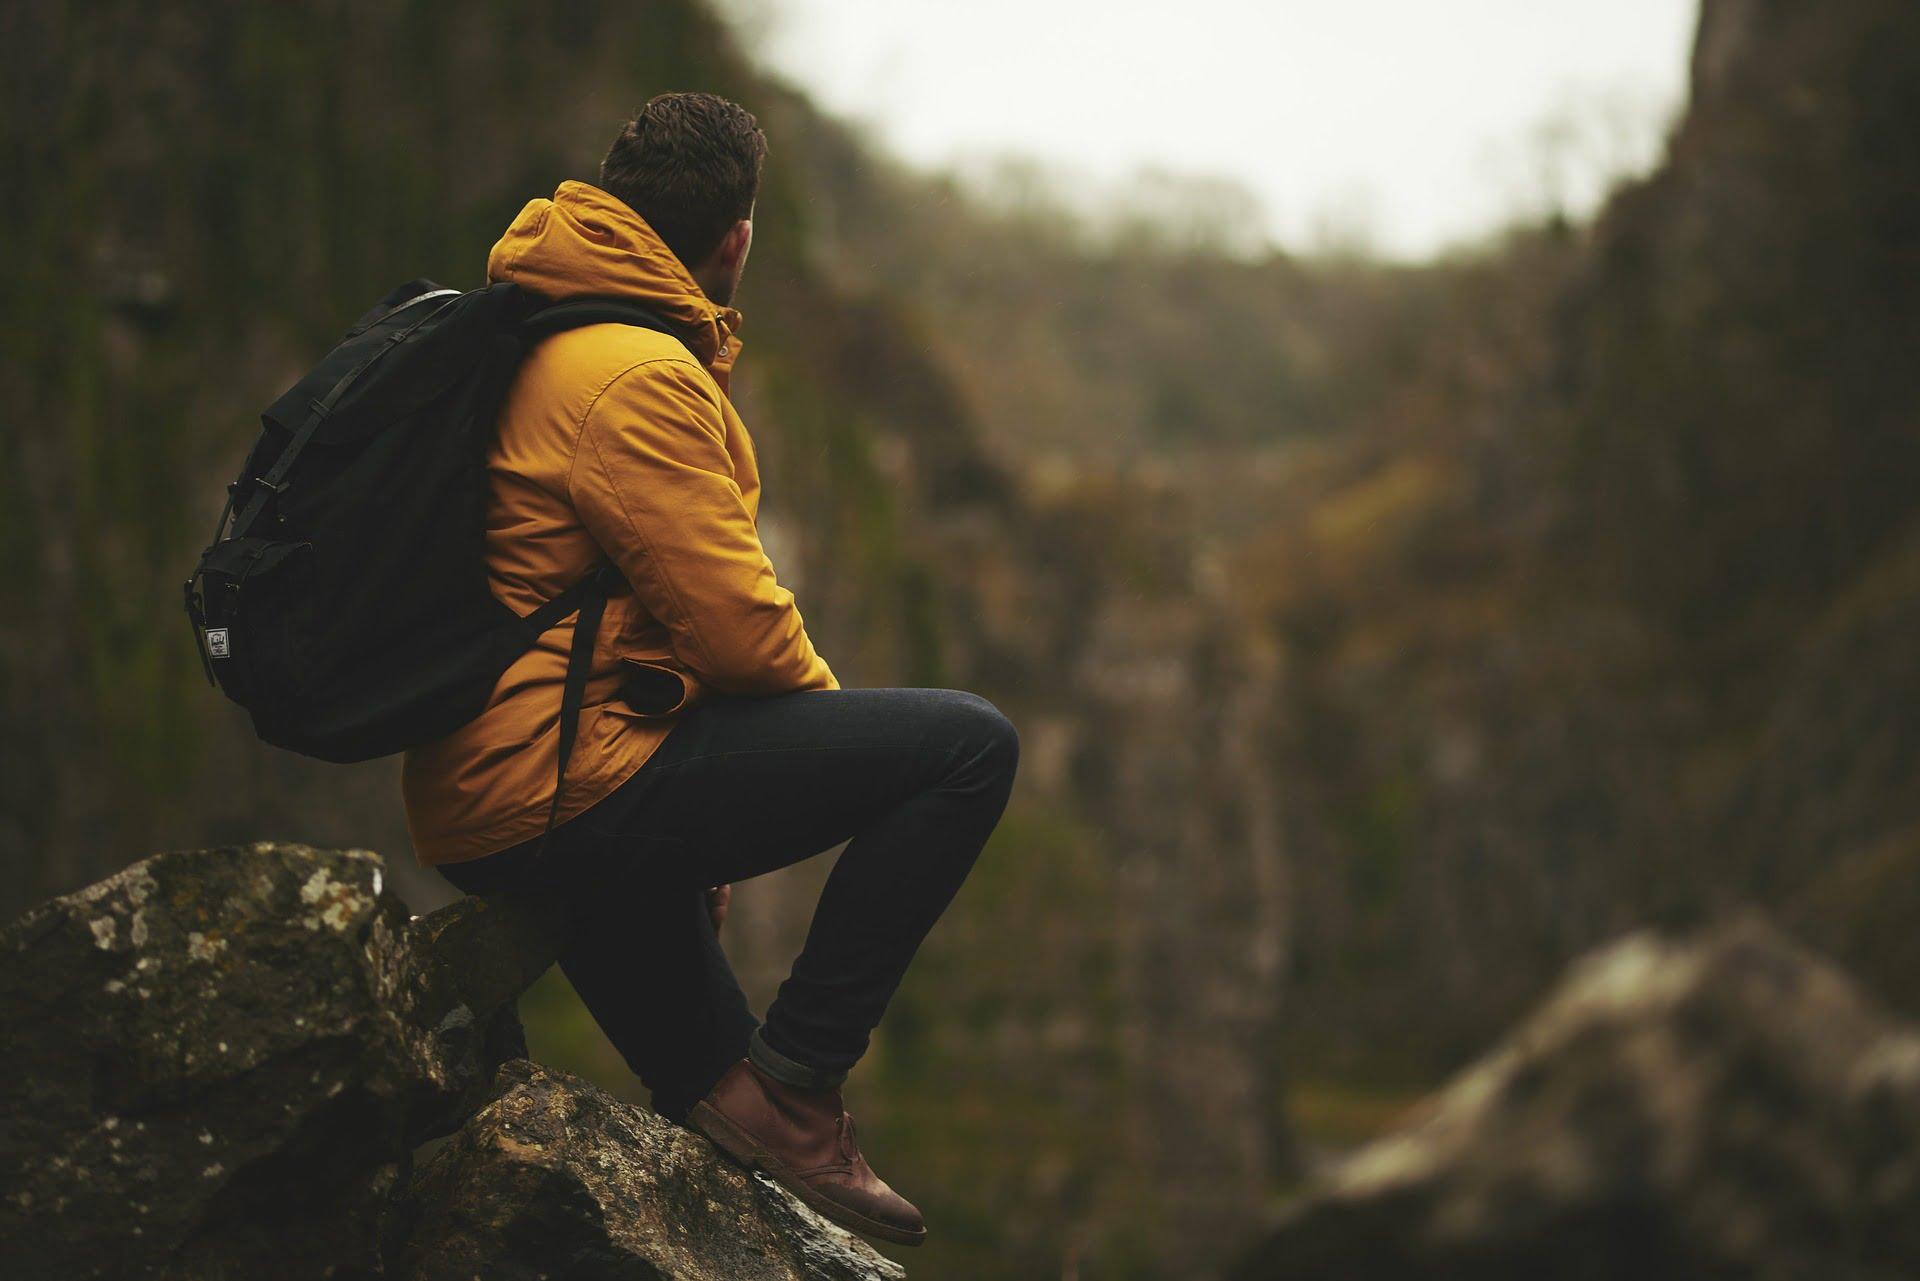 Escursioni in autunno: consigli utili